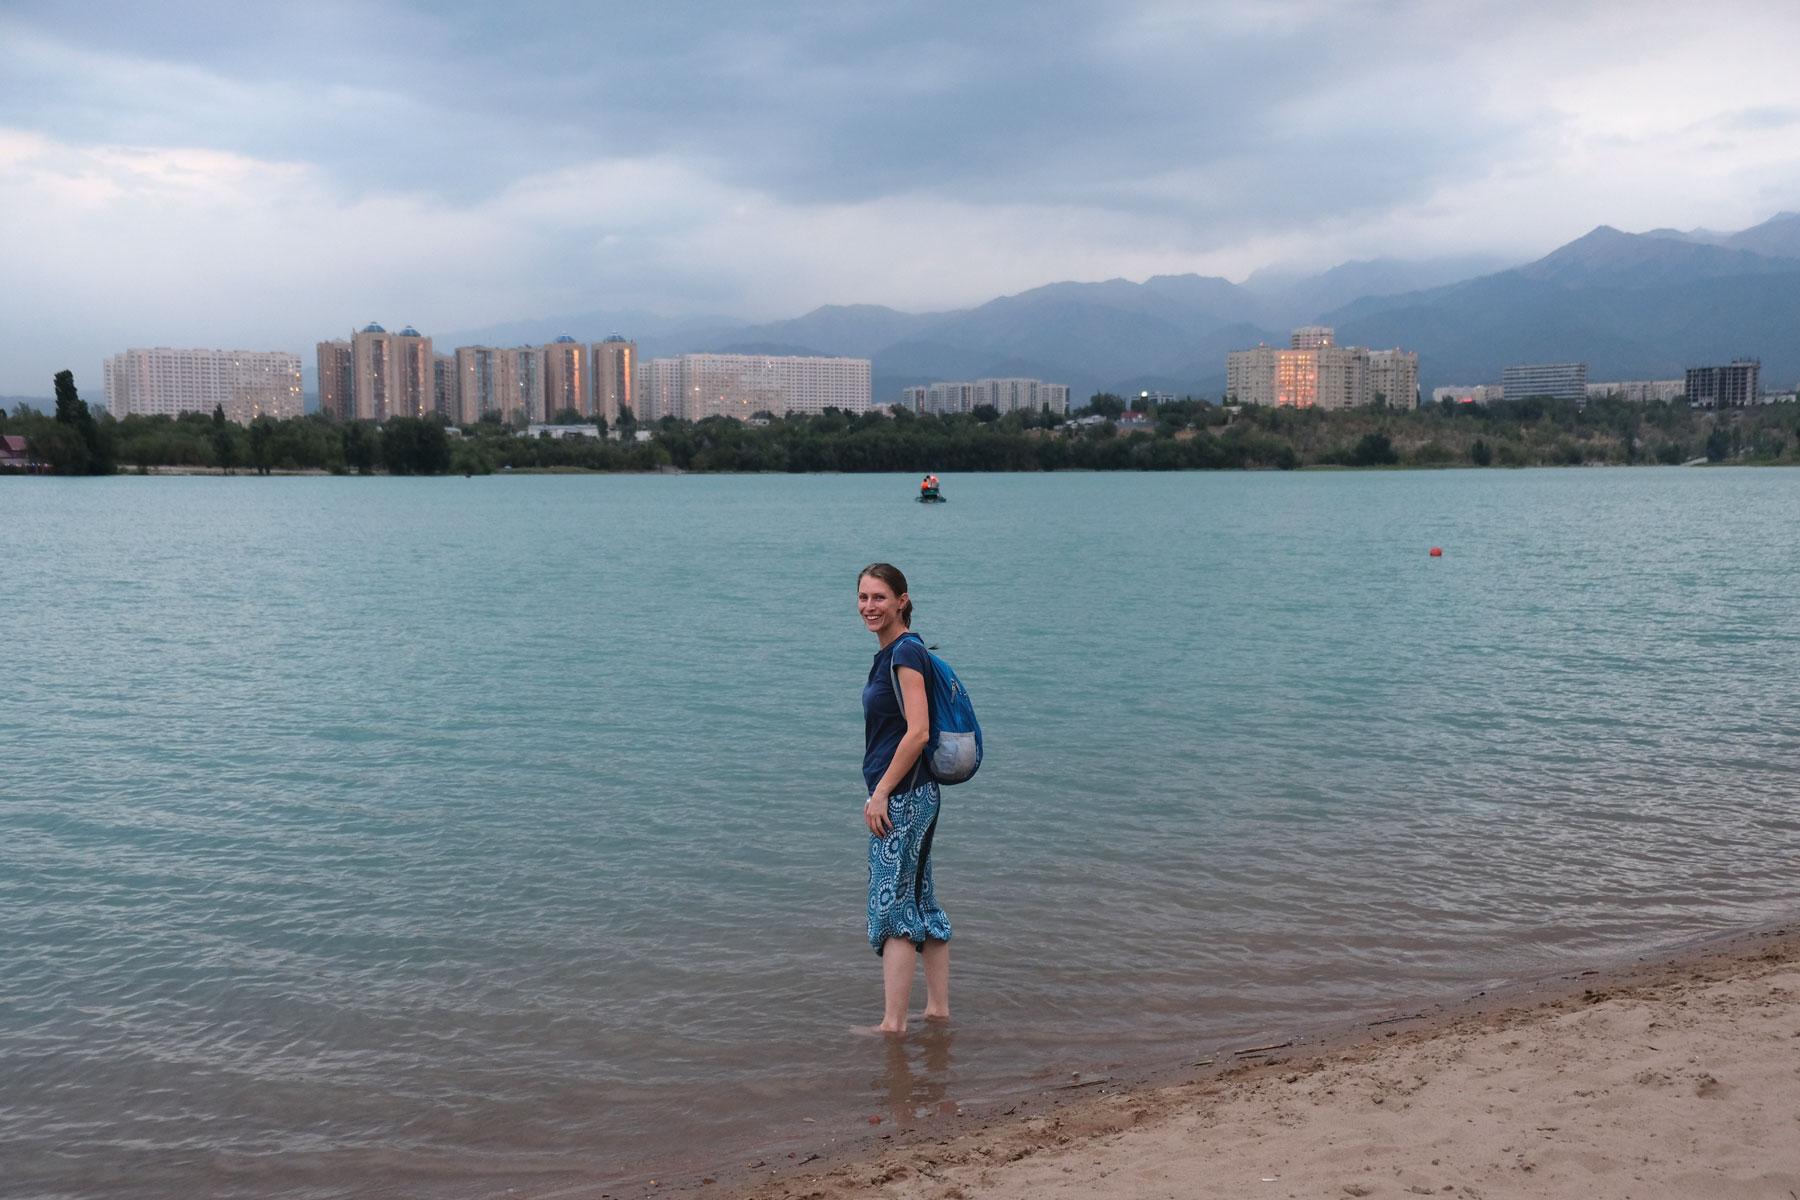 Auch wenn wir hier nicht baden waren, so ist es doch immer schön, am Wasser zu sein